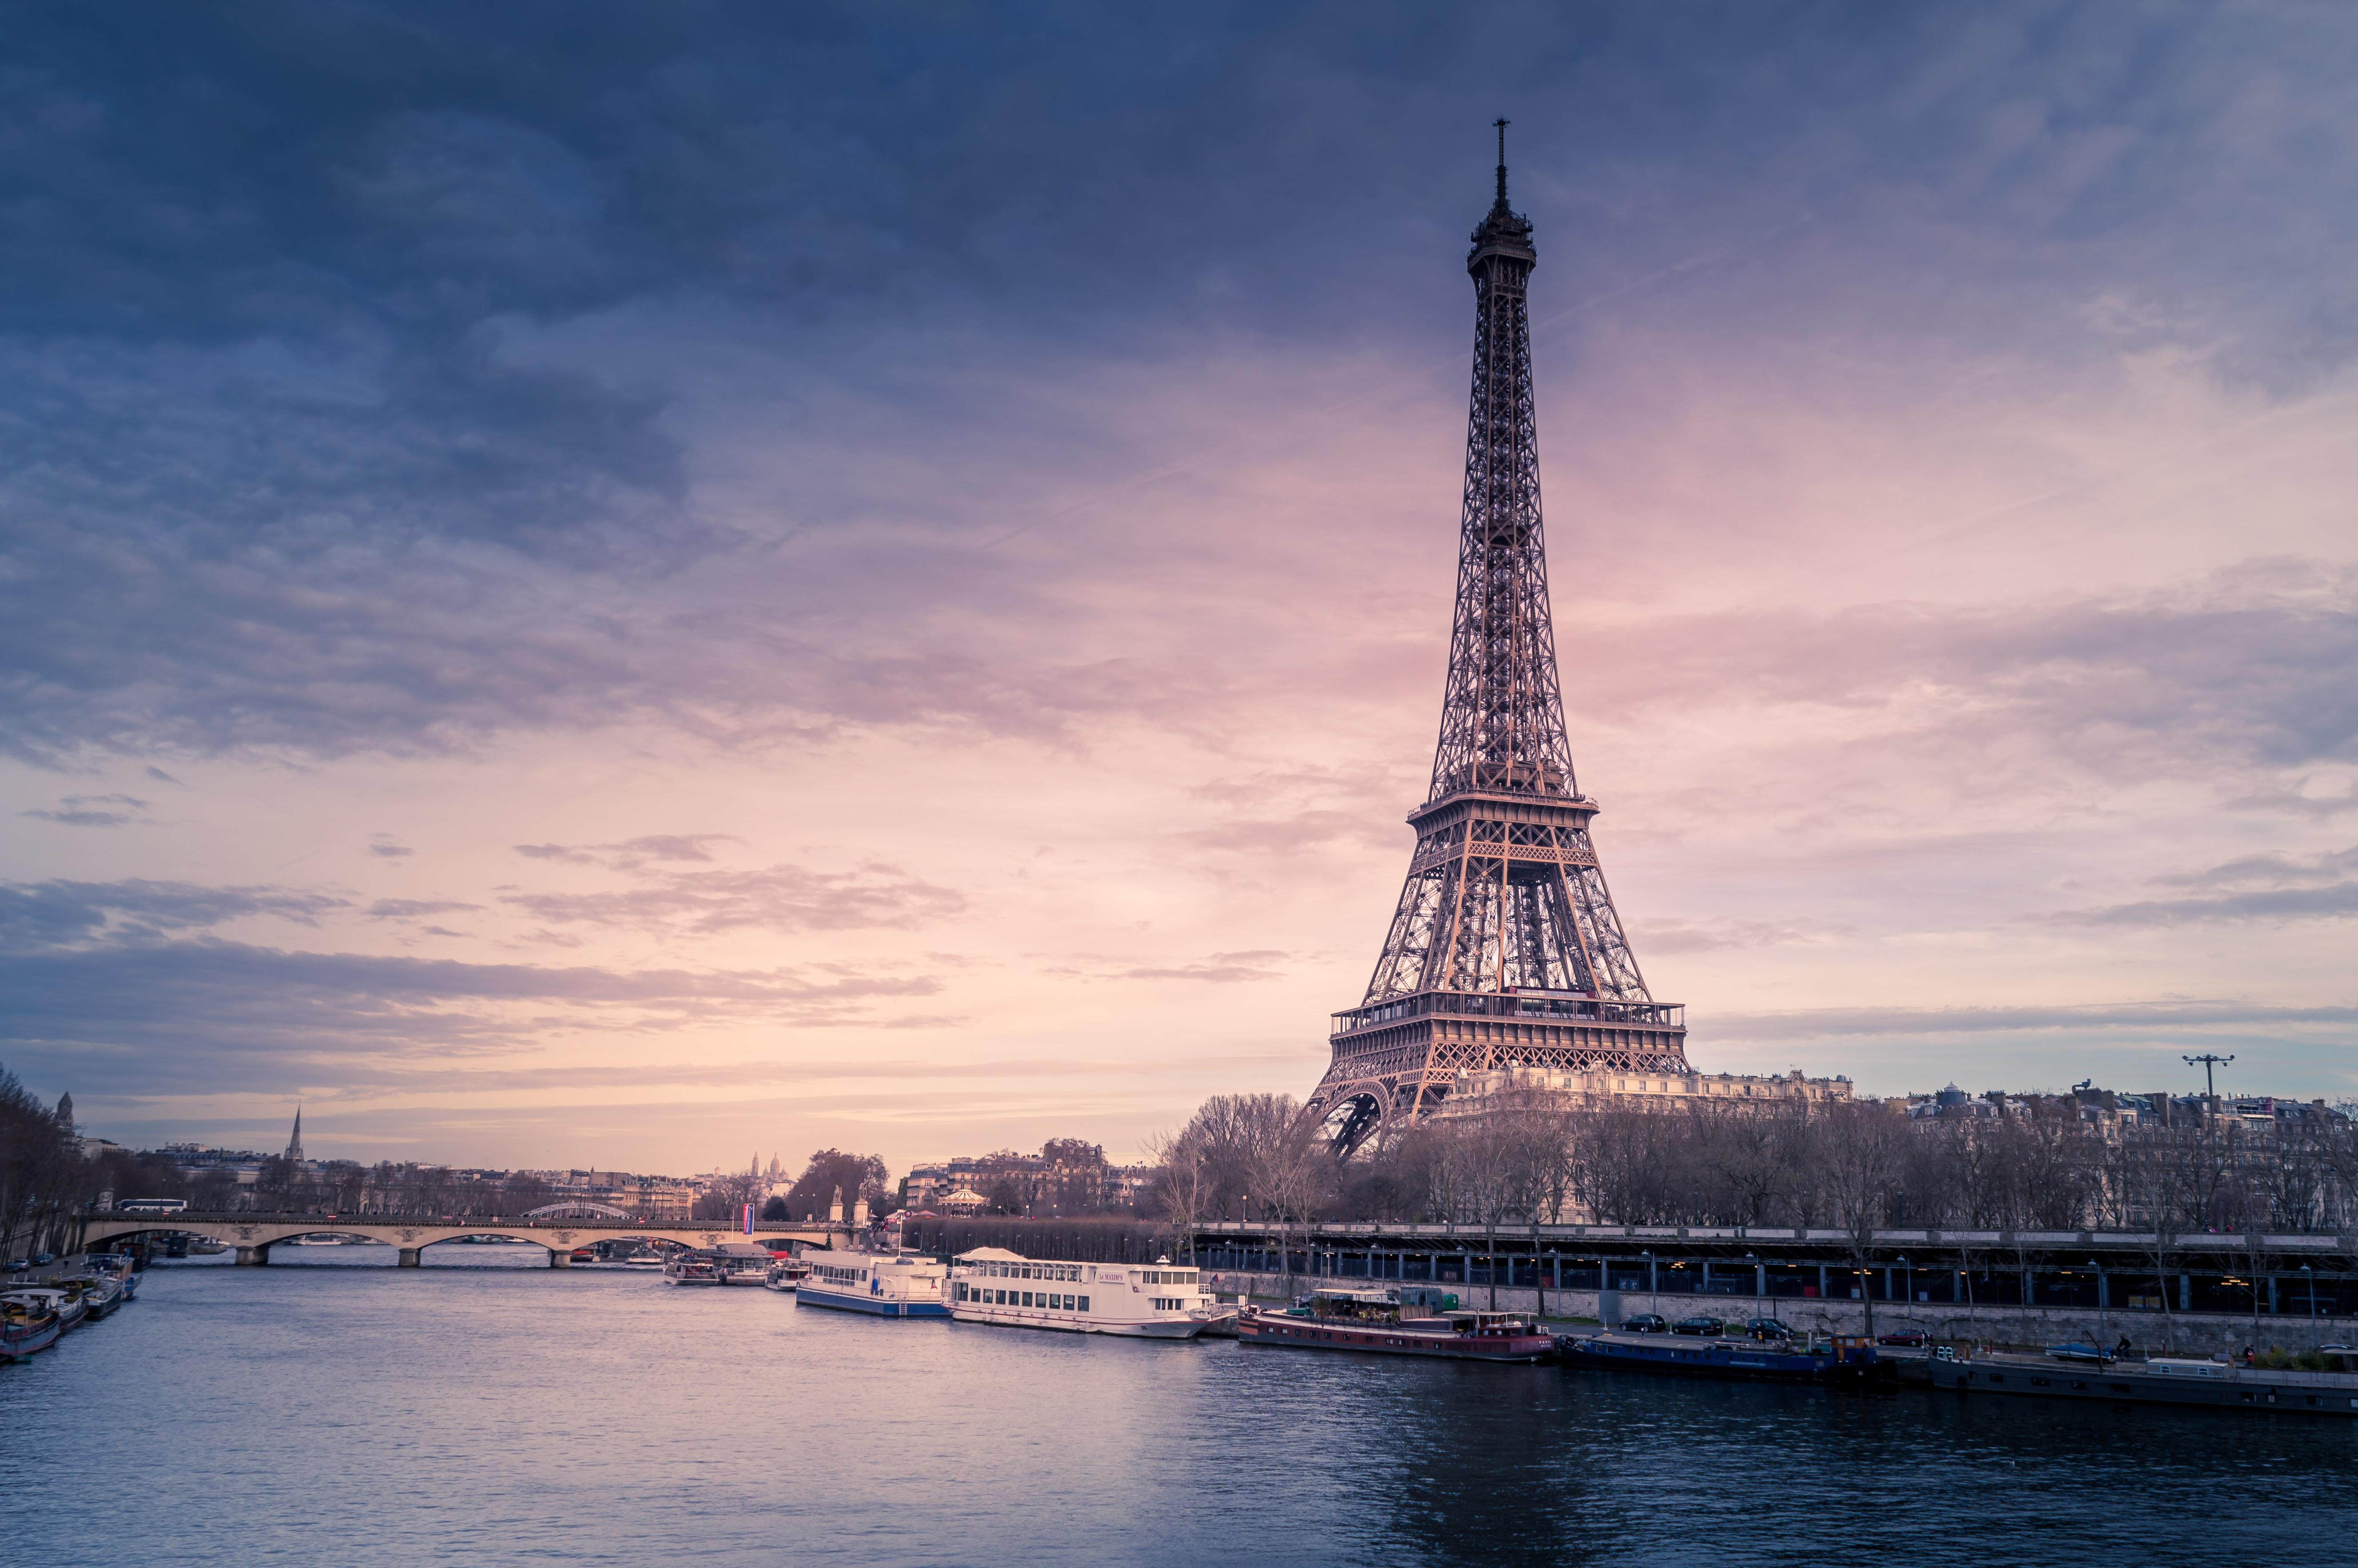 Top 5 Cities in Europe